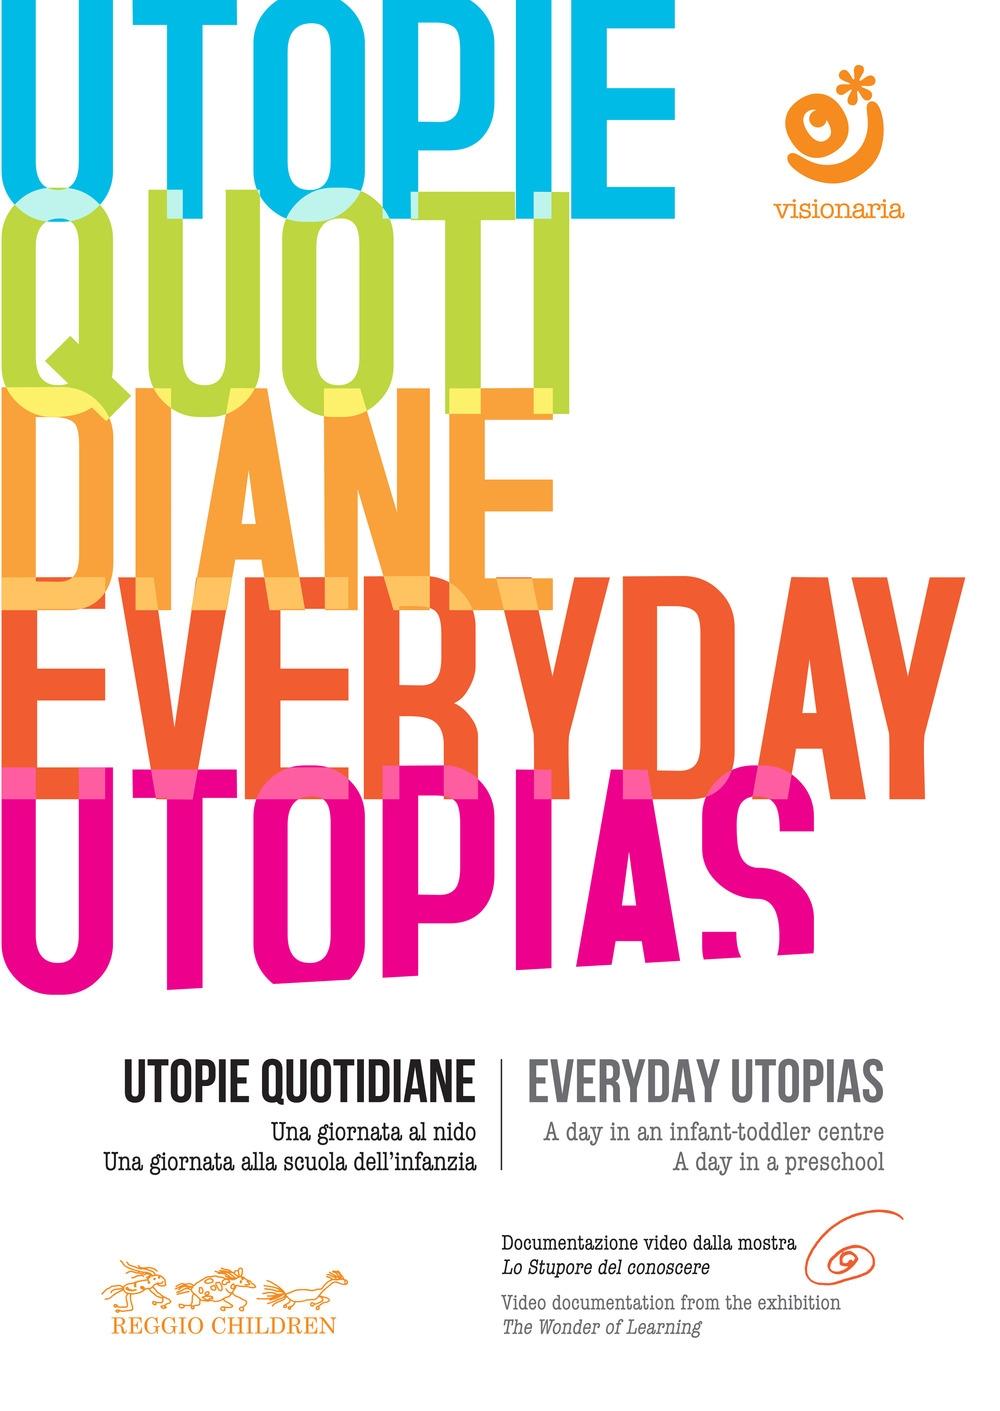 Utopie quotidiane. Una giornata al nido. Una giornata alla scuola dell'infanzia-Everyday utopias. A day in an infant-toddler centre. A day in a preschool. Con DVD video